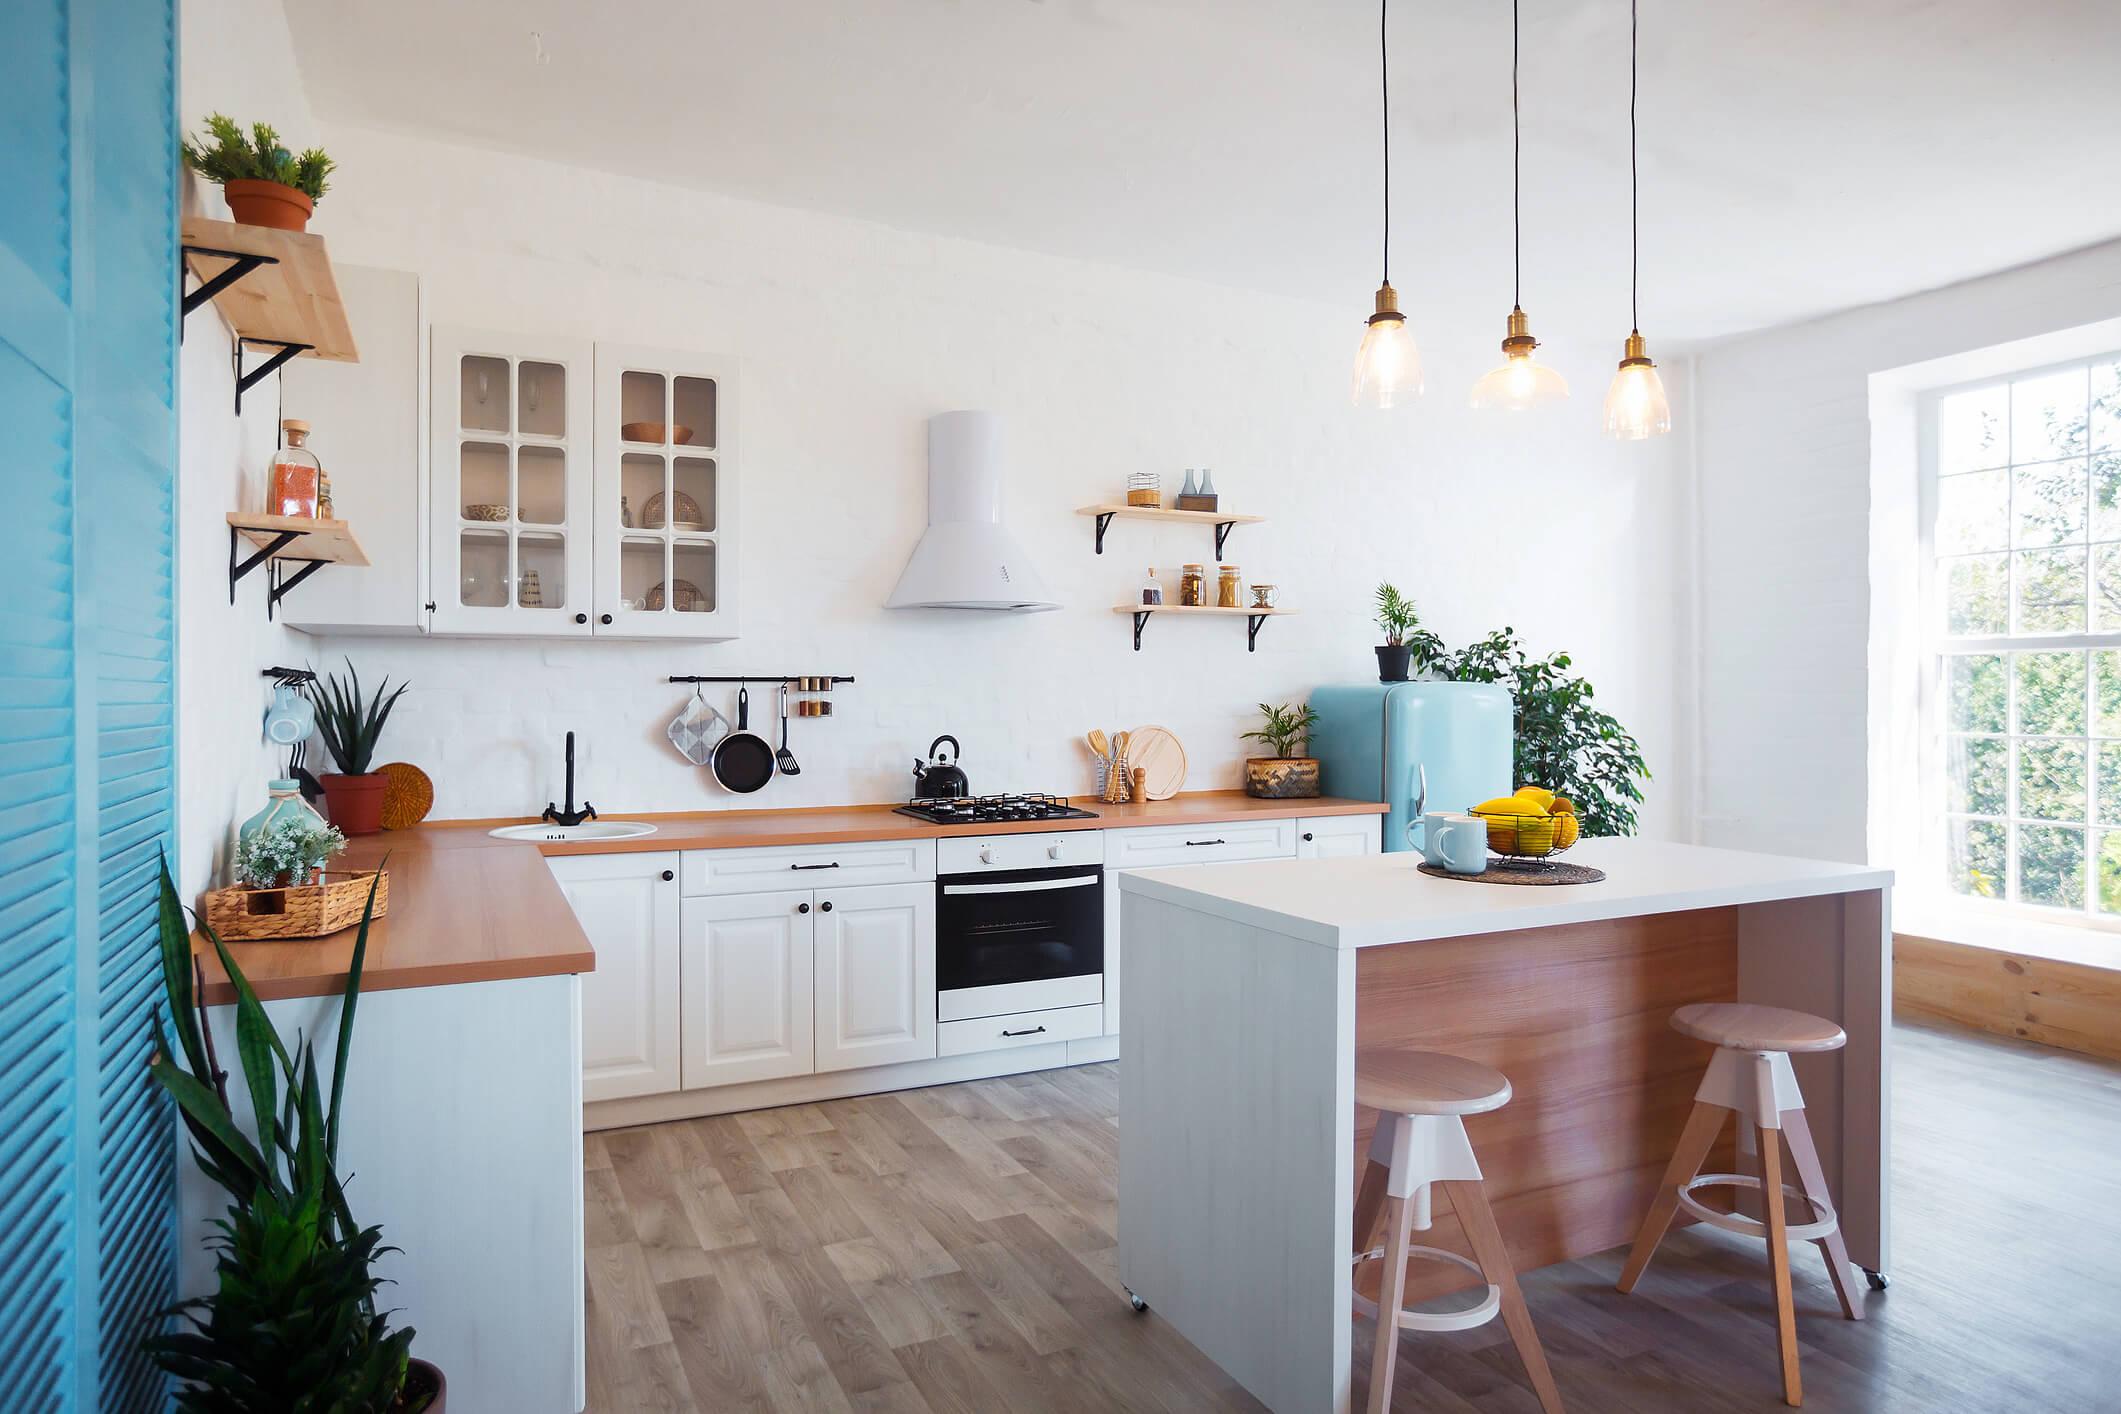 Inspira-te com o OLX para a tua nova decoração de cozinha